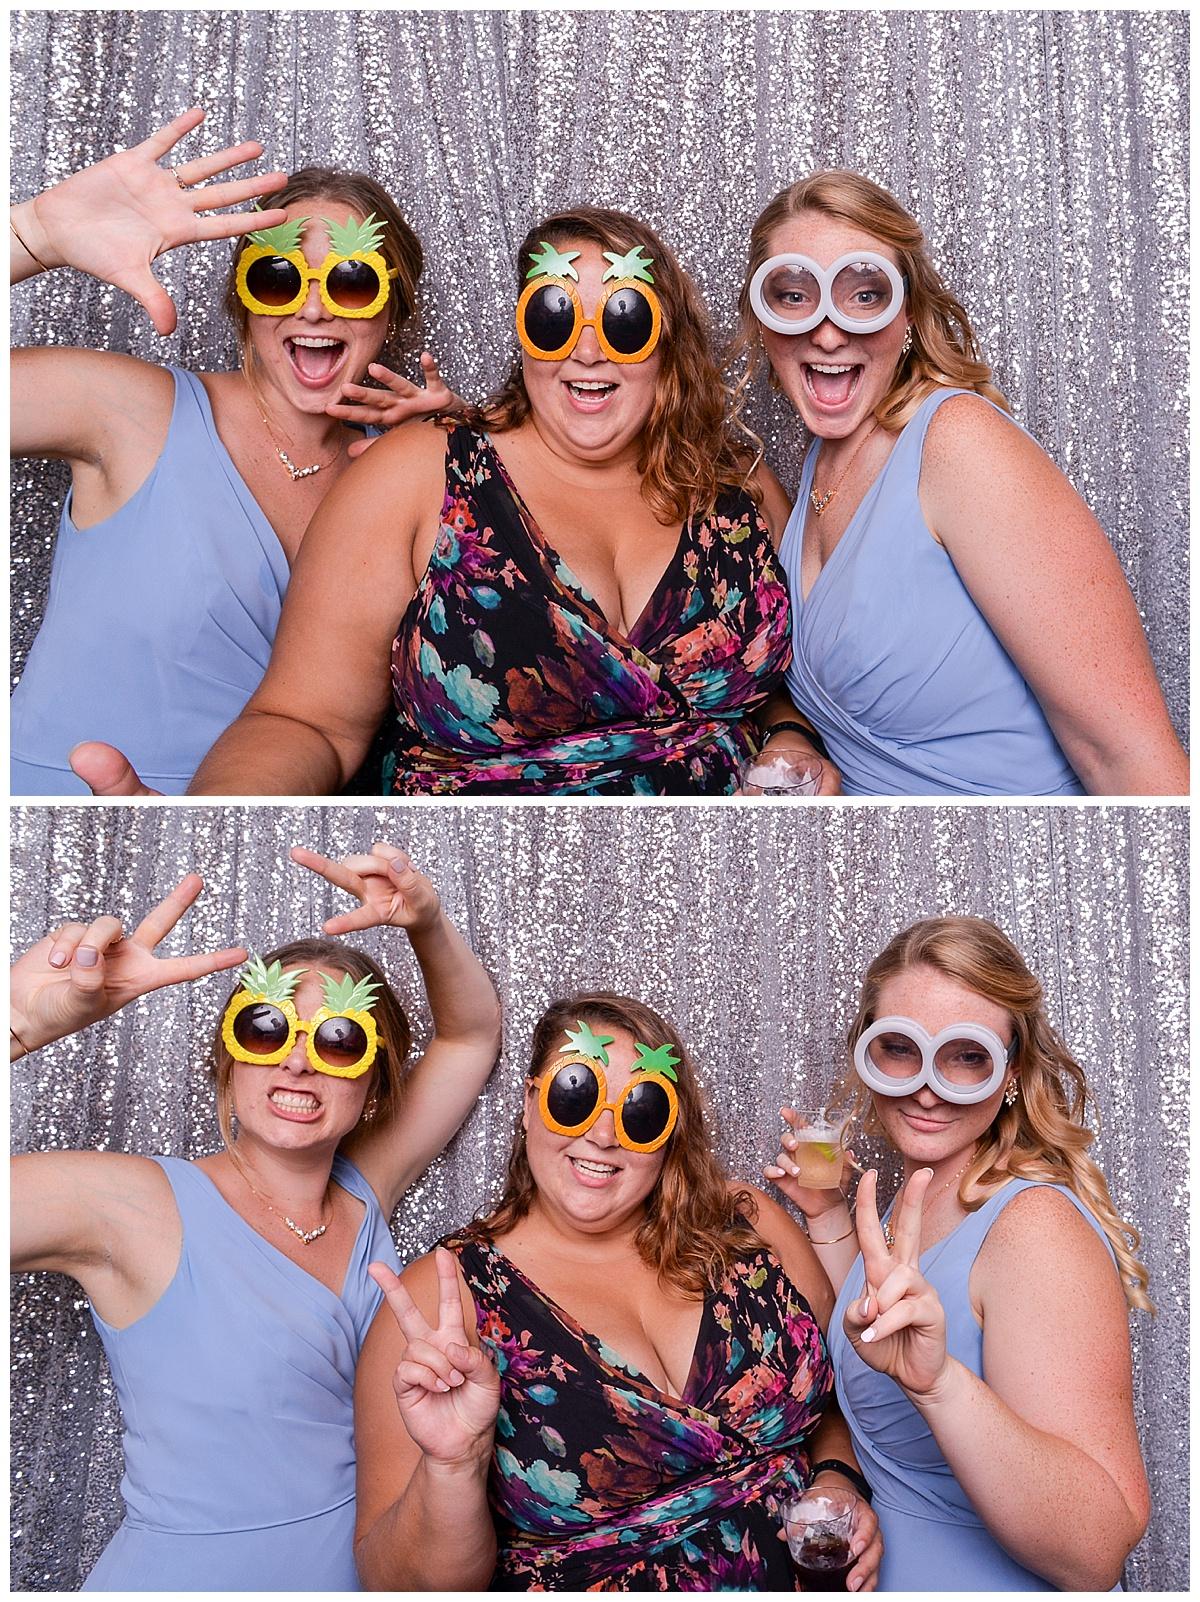 Lesley + Jon | Wedding Day | Aloha Booth | Wedding Day | Aloha Booth | Wedding Day | Aloha Booth